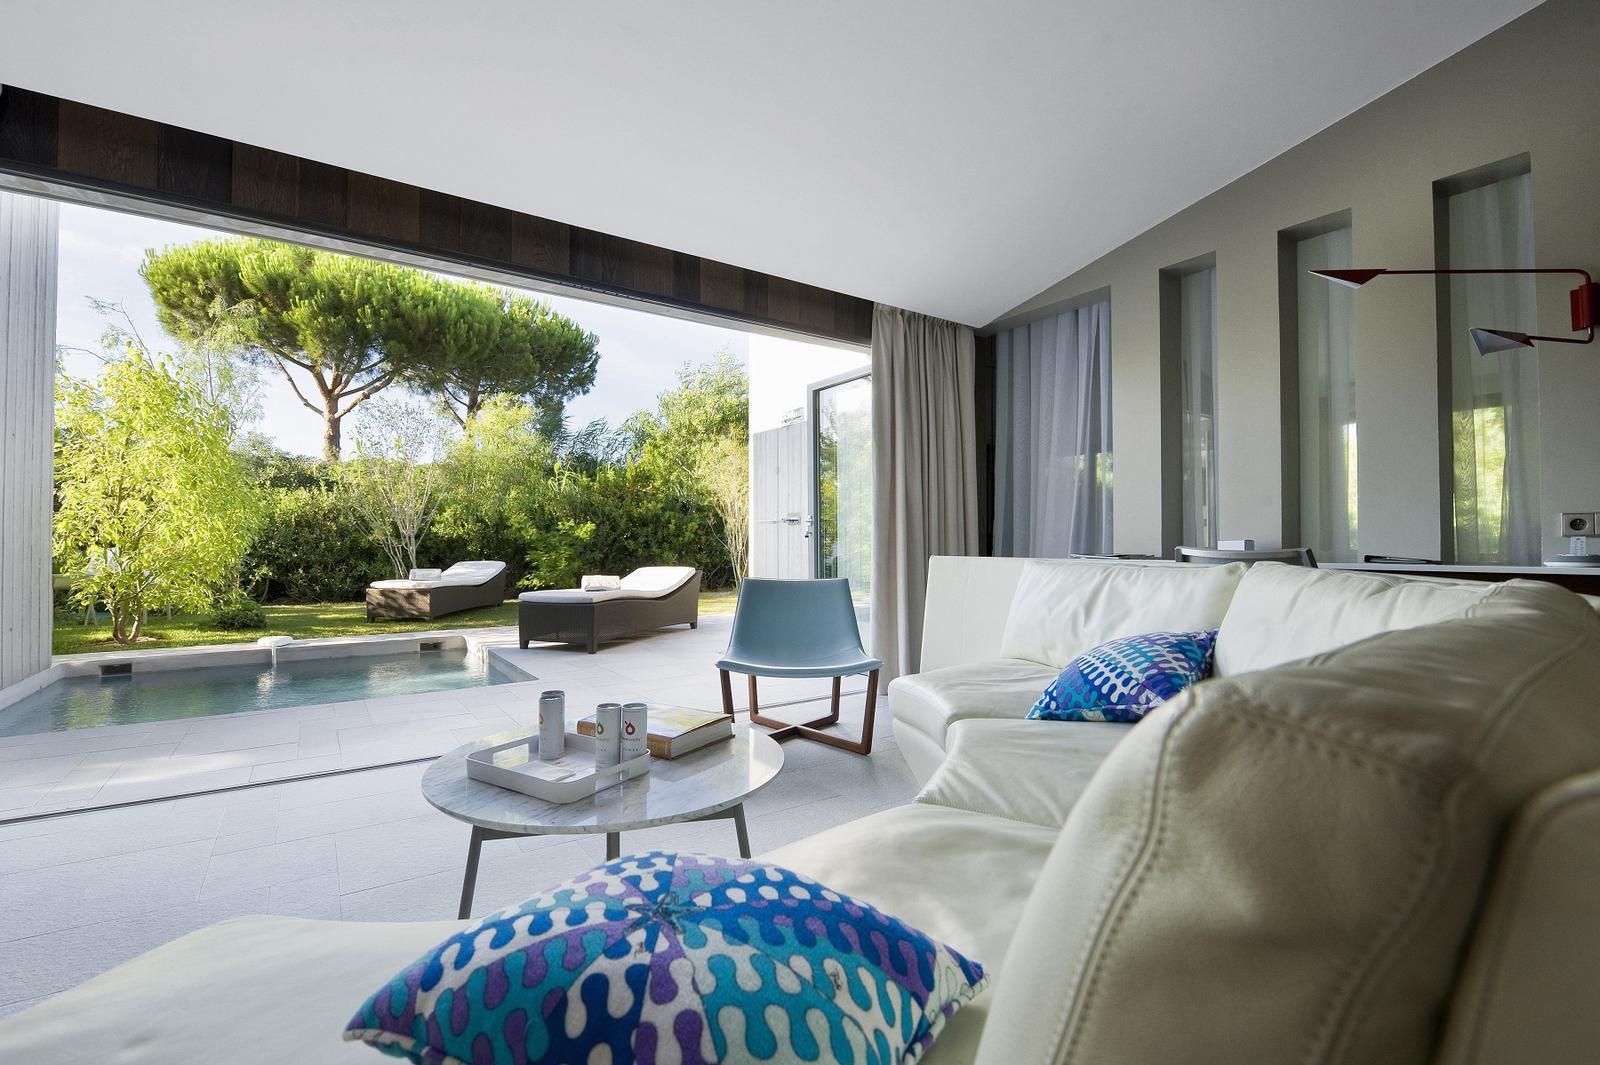 6 Superbes Hôtels Avec Piscine Privée Dans Votre Chambre En ... dedans Hotel Avec Piscine Privee Par Chambre